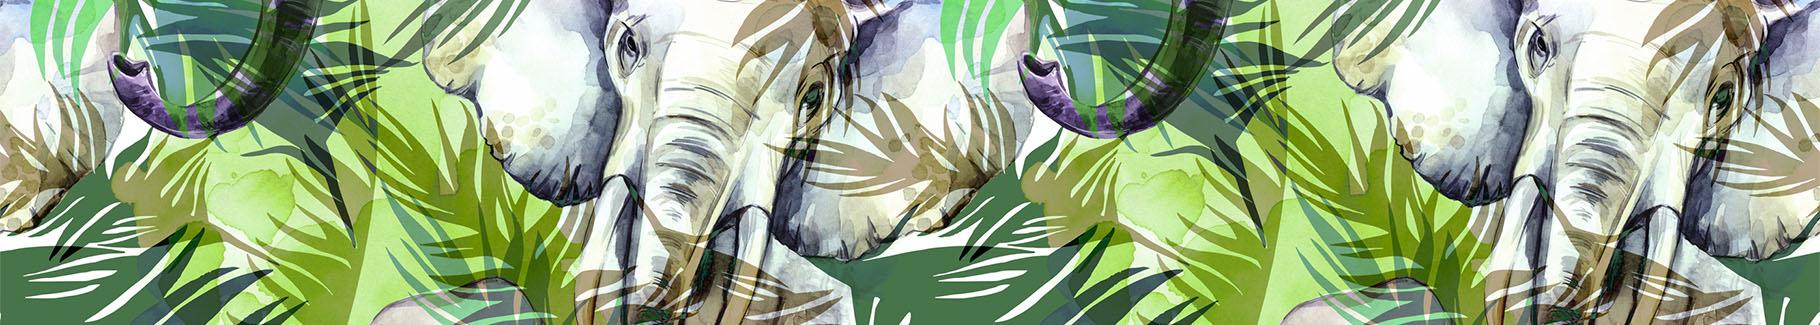 Fototapeta słonie w dżungli